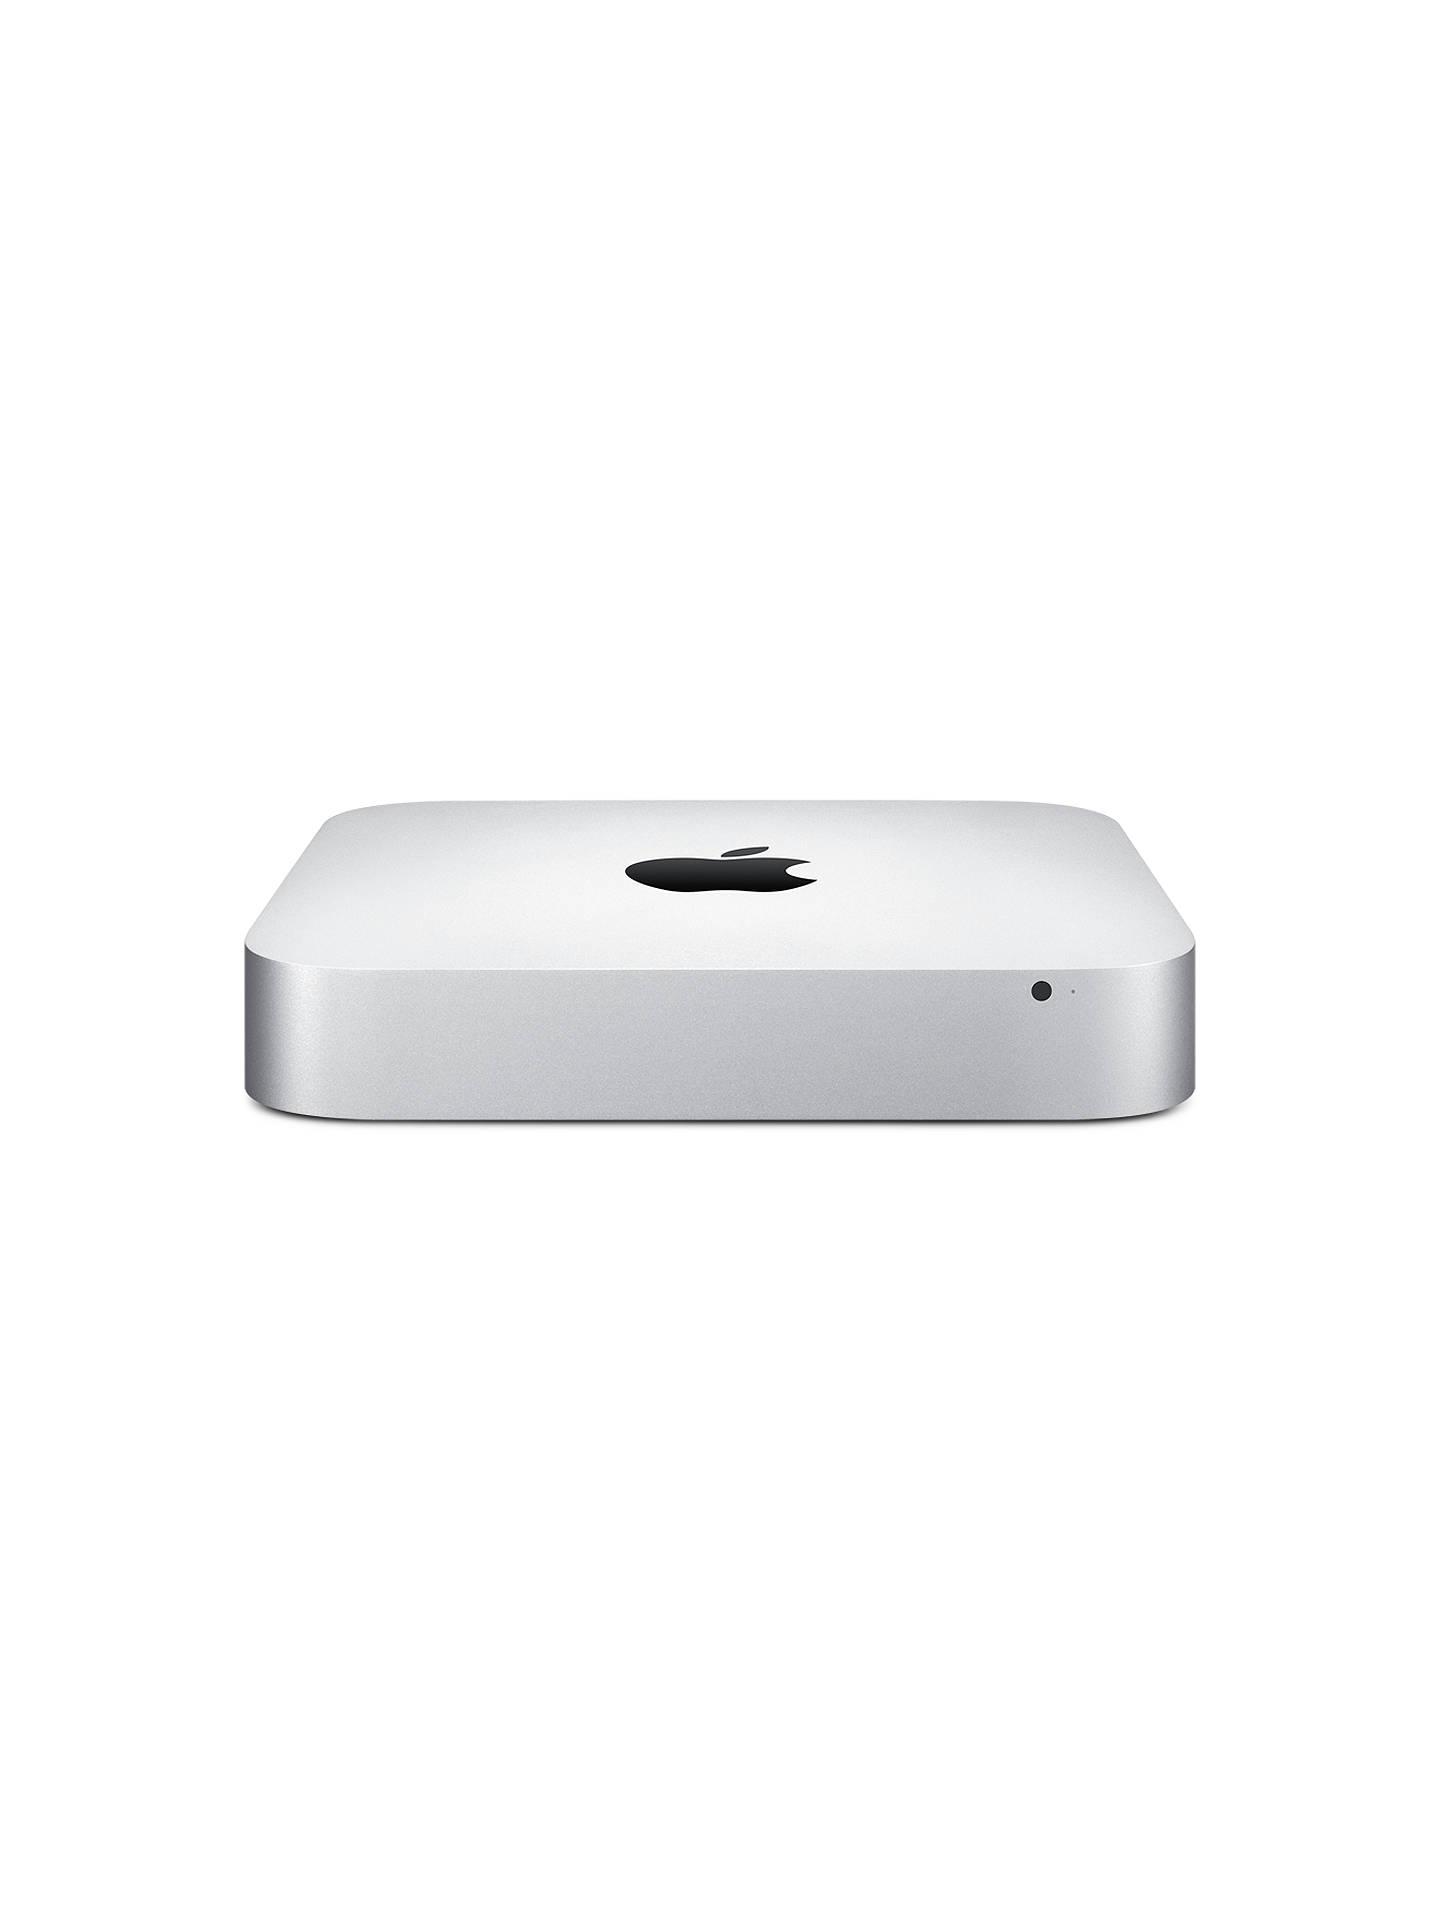 apple mac mini mgeq2b a desktop computer intel core i5. Black Bedroom Furniture Sets. Home Design Ideas